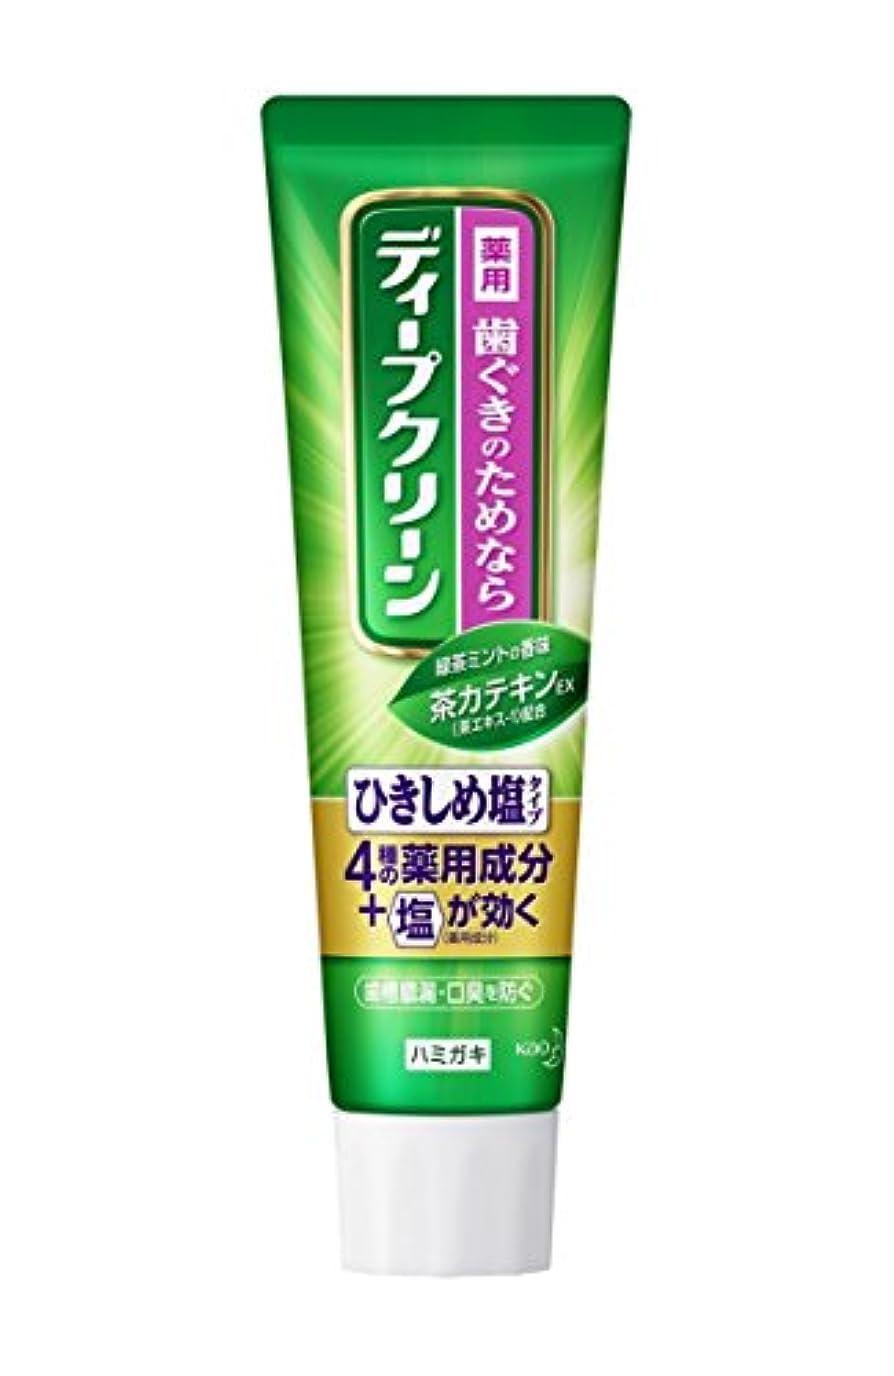 松褐色運動する【花王】ディープクリーン 薬用ハミガキ ひきしめ塩 100g ×10個セット